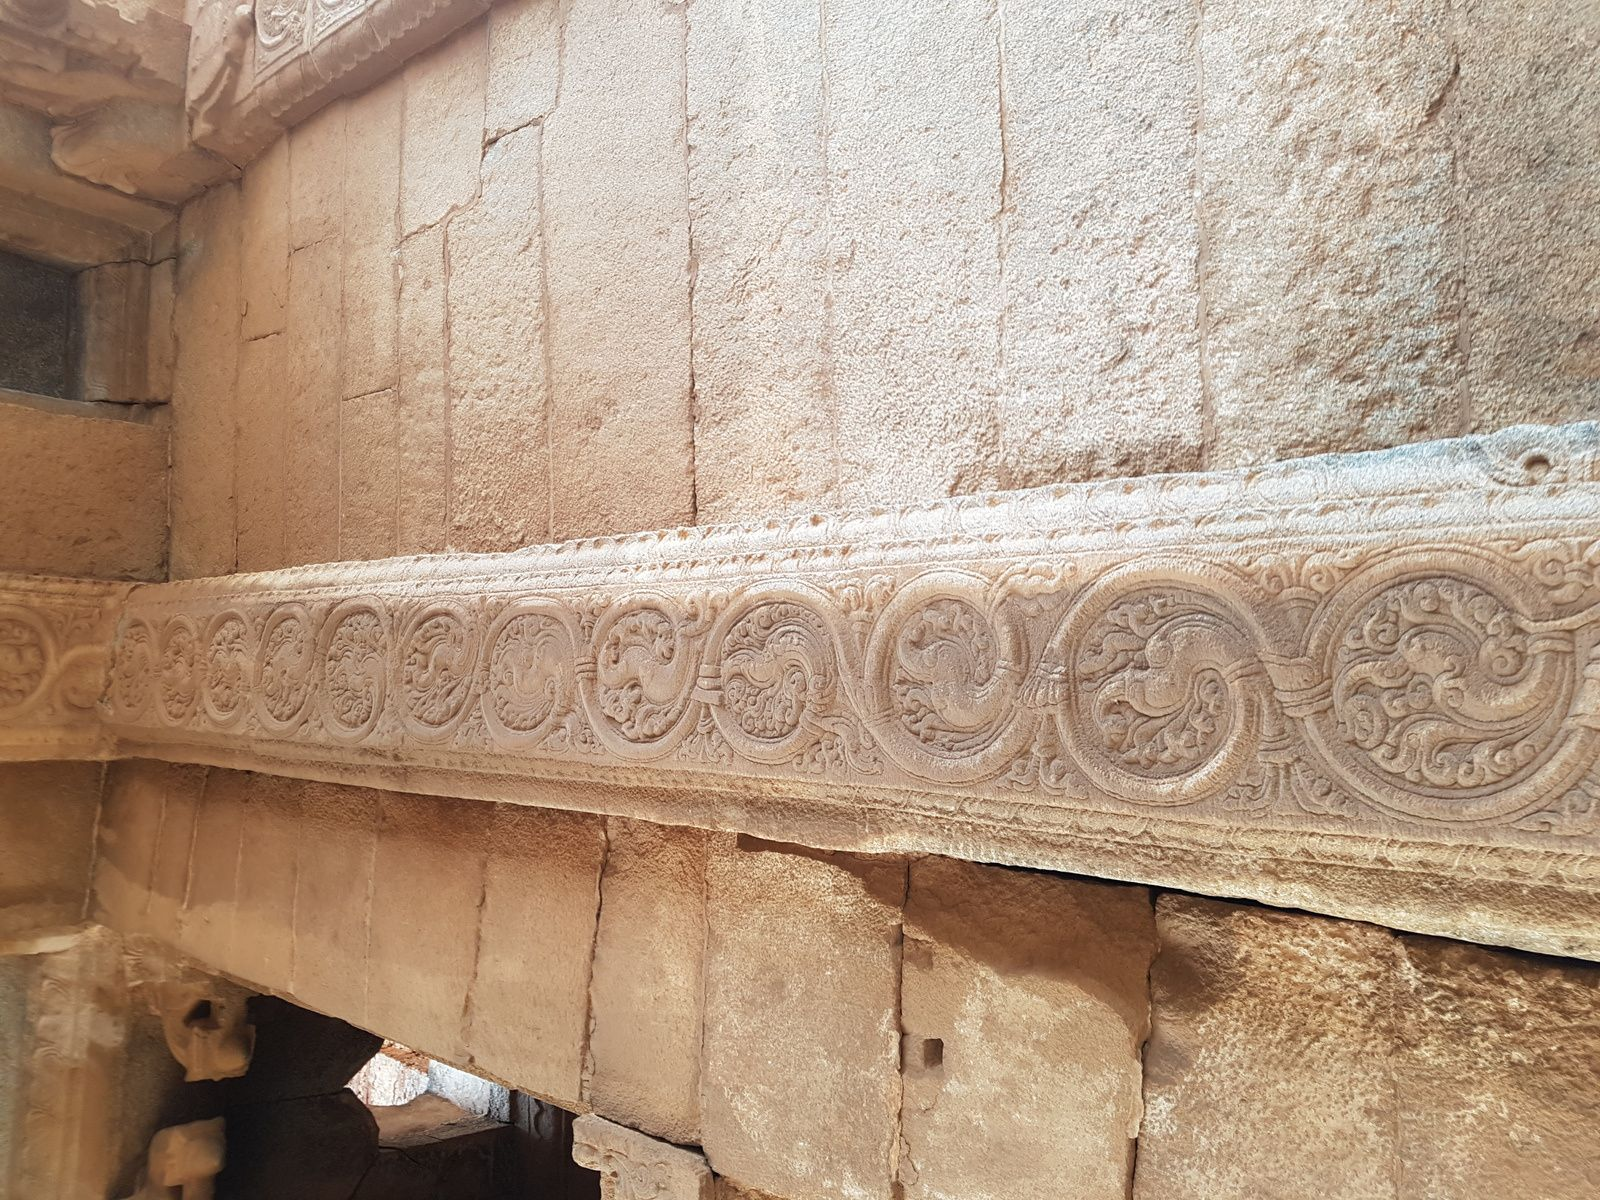 LE GOPURA  oriental est en restauration, normalement il devait y avoir plusieurs étages (5 à 8) en briques avec de la statuaire , ici nous avons le détail de l'intérieur du porche, remarquez les superbes Apsaras et les animaux mytiques.   Il y aurait représentés les dix avatars de Vishnou.